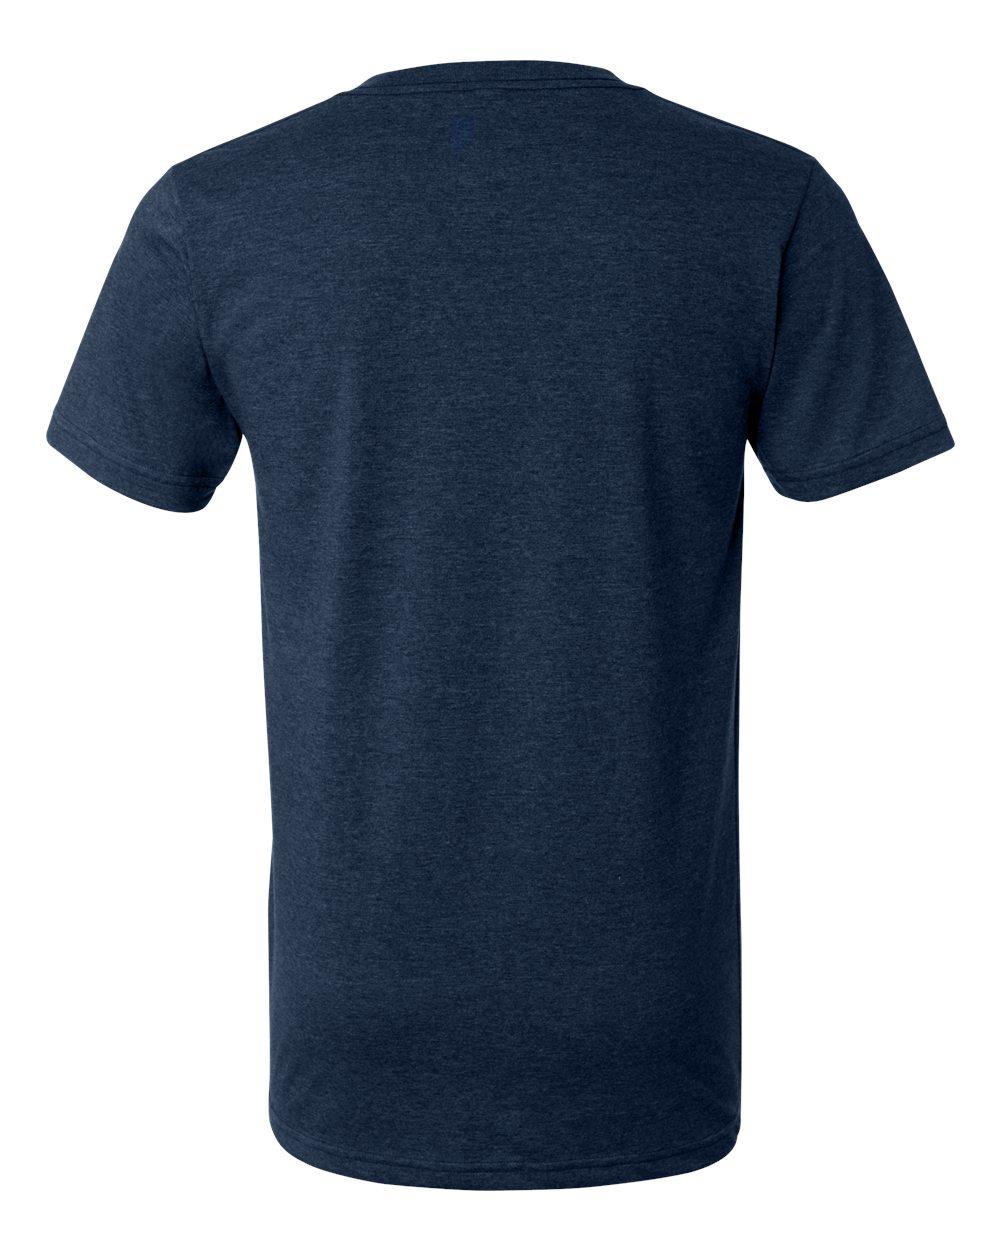 Bella-Canvas-Men-039-s-Jersey-Short-Sleeve-V-Neck-T-Shirt-3005-XS-3XL thumbnail 65